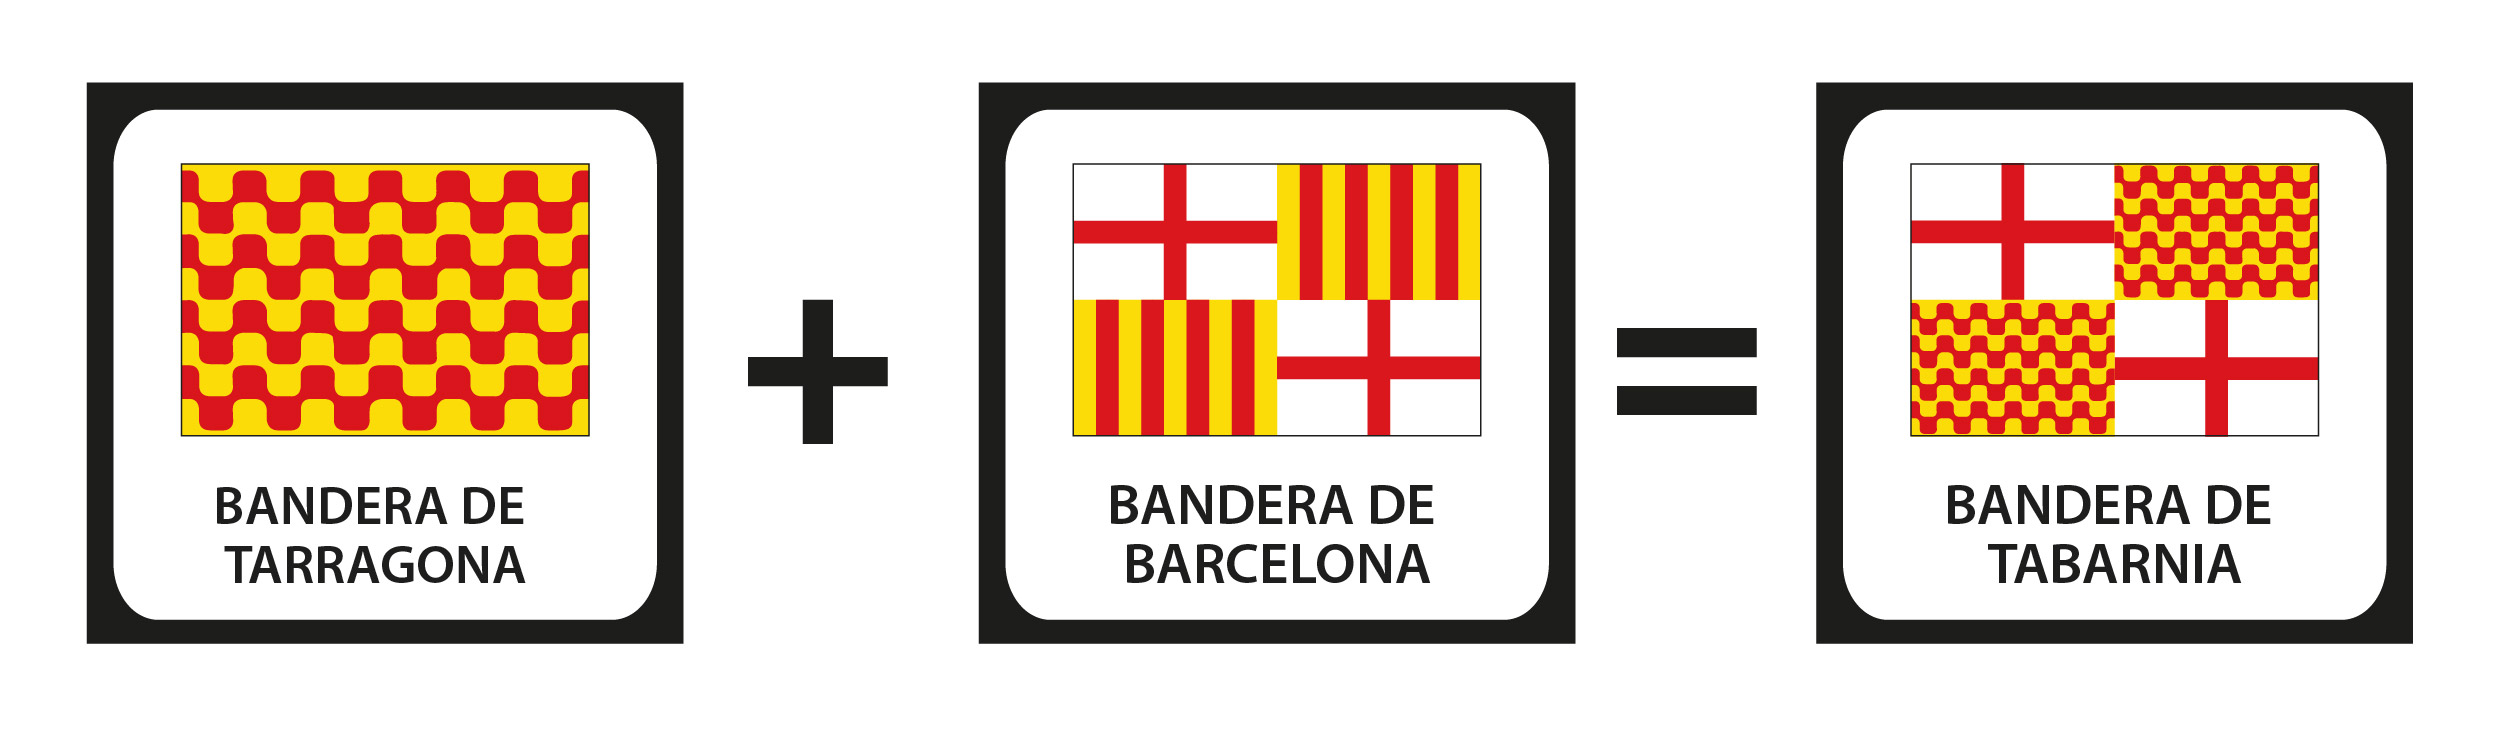 bandera tarragona + bandera barcelona igual tabarnia dccfe2eec3b